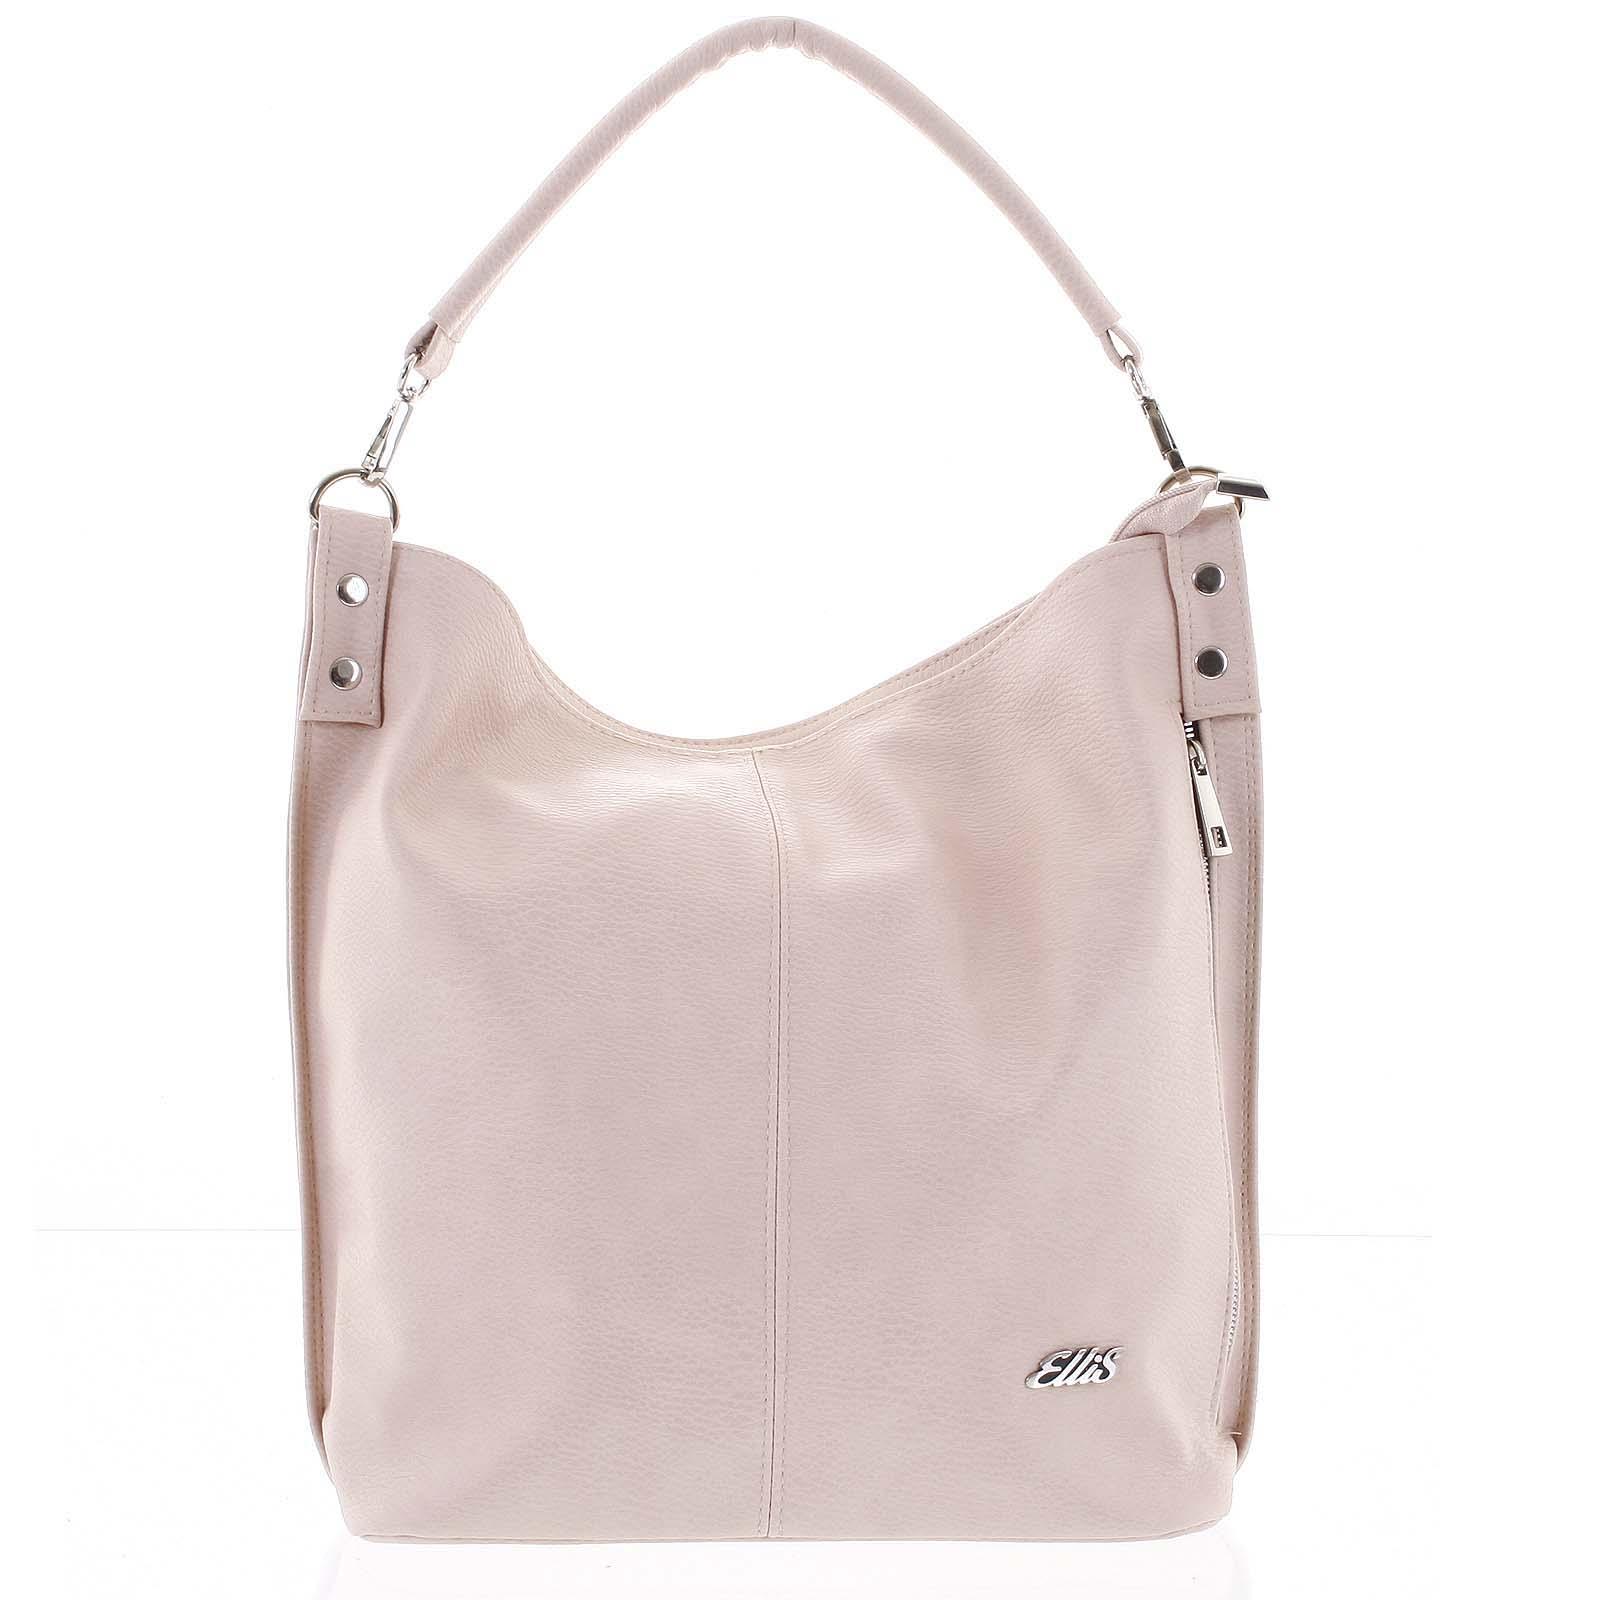 Elegantní dámská kabelka přes rameno růžová - Ellis Negina